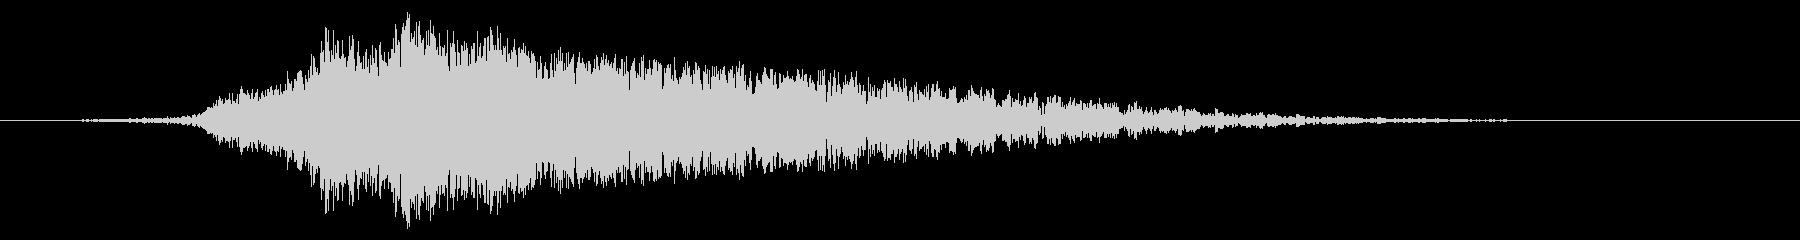 ヘビーオムナスウーシュ4の未再生の波形